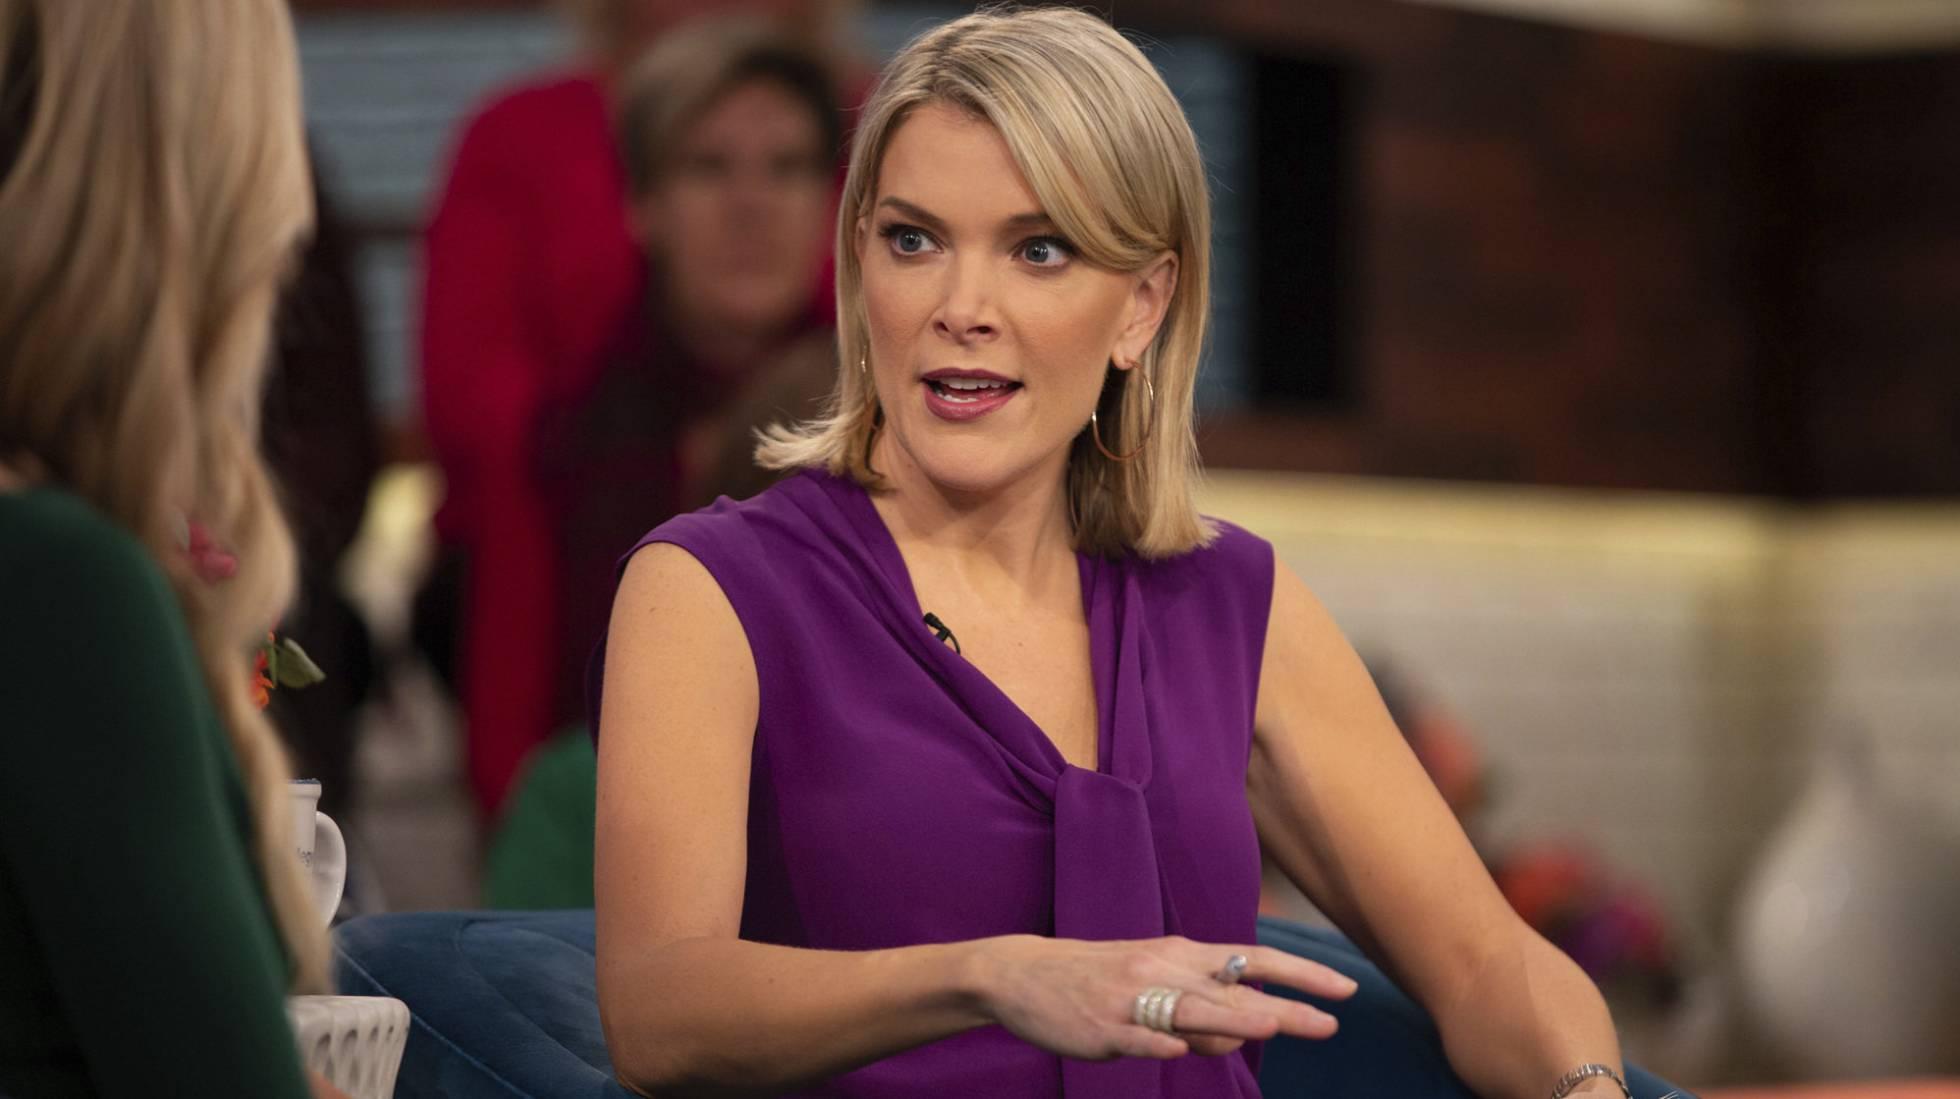 La NBC cancela el programa de Megyn Kelly tras un polémico comentario racista